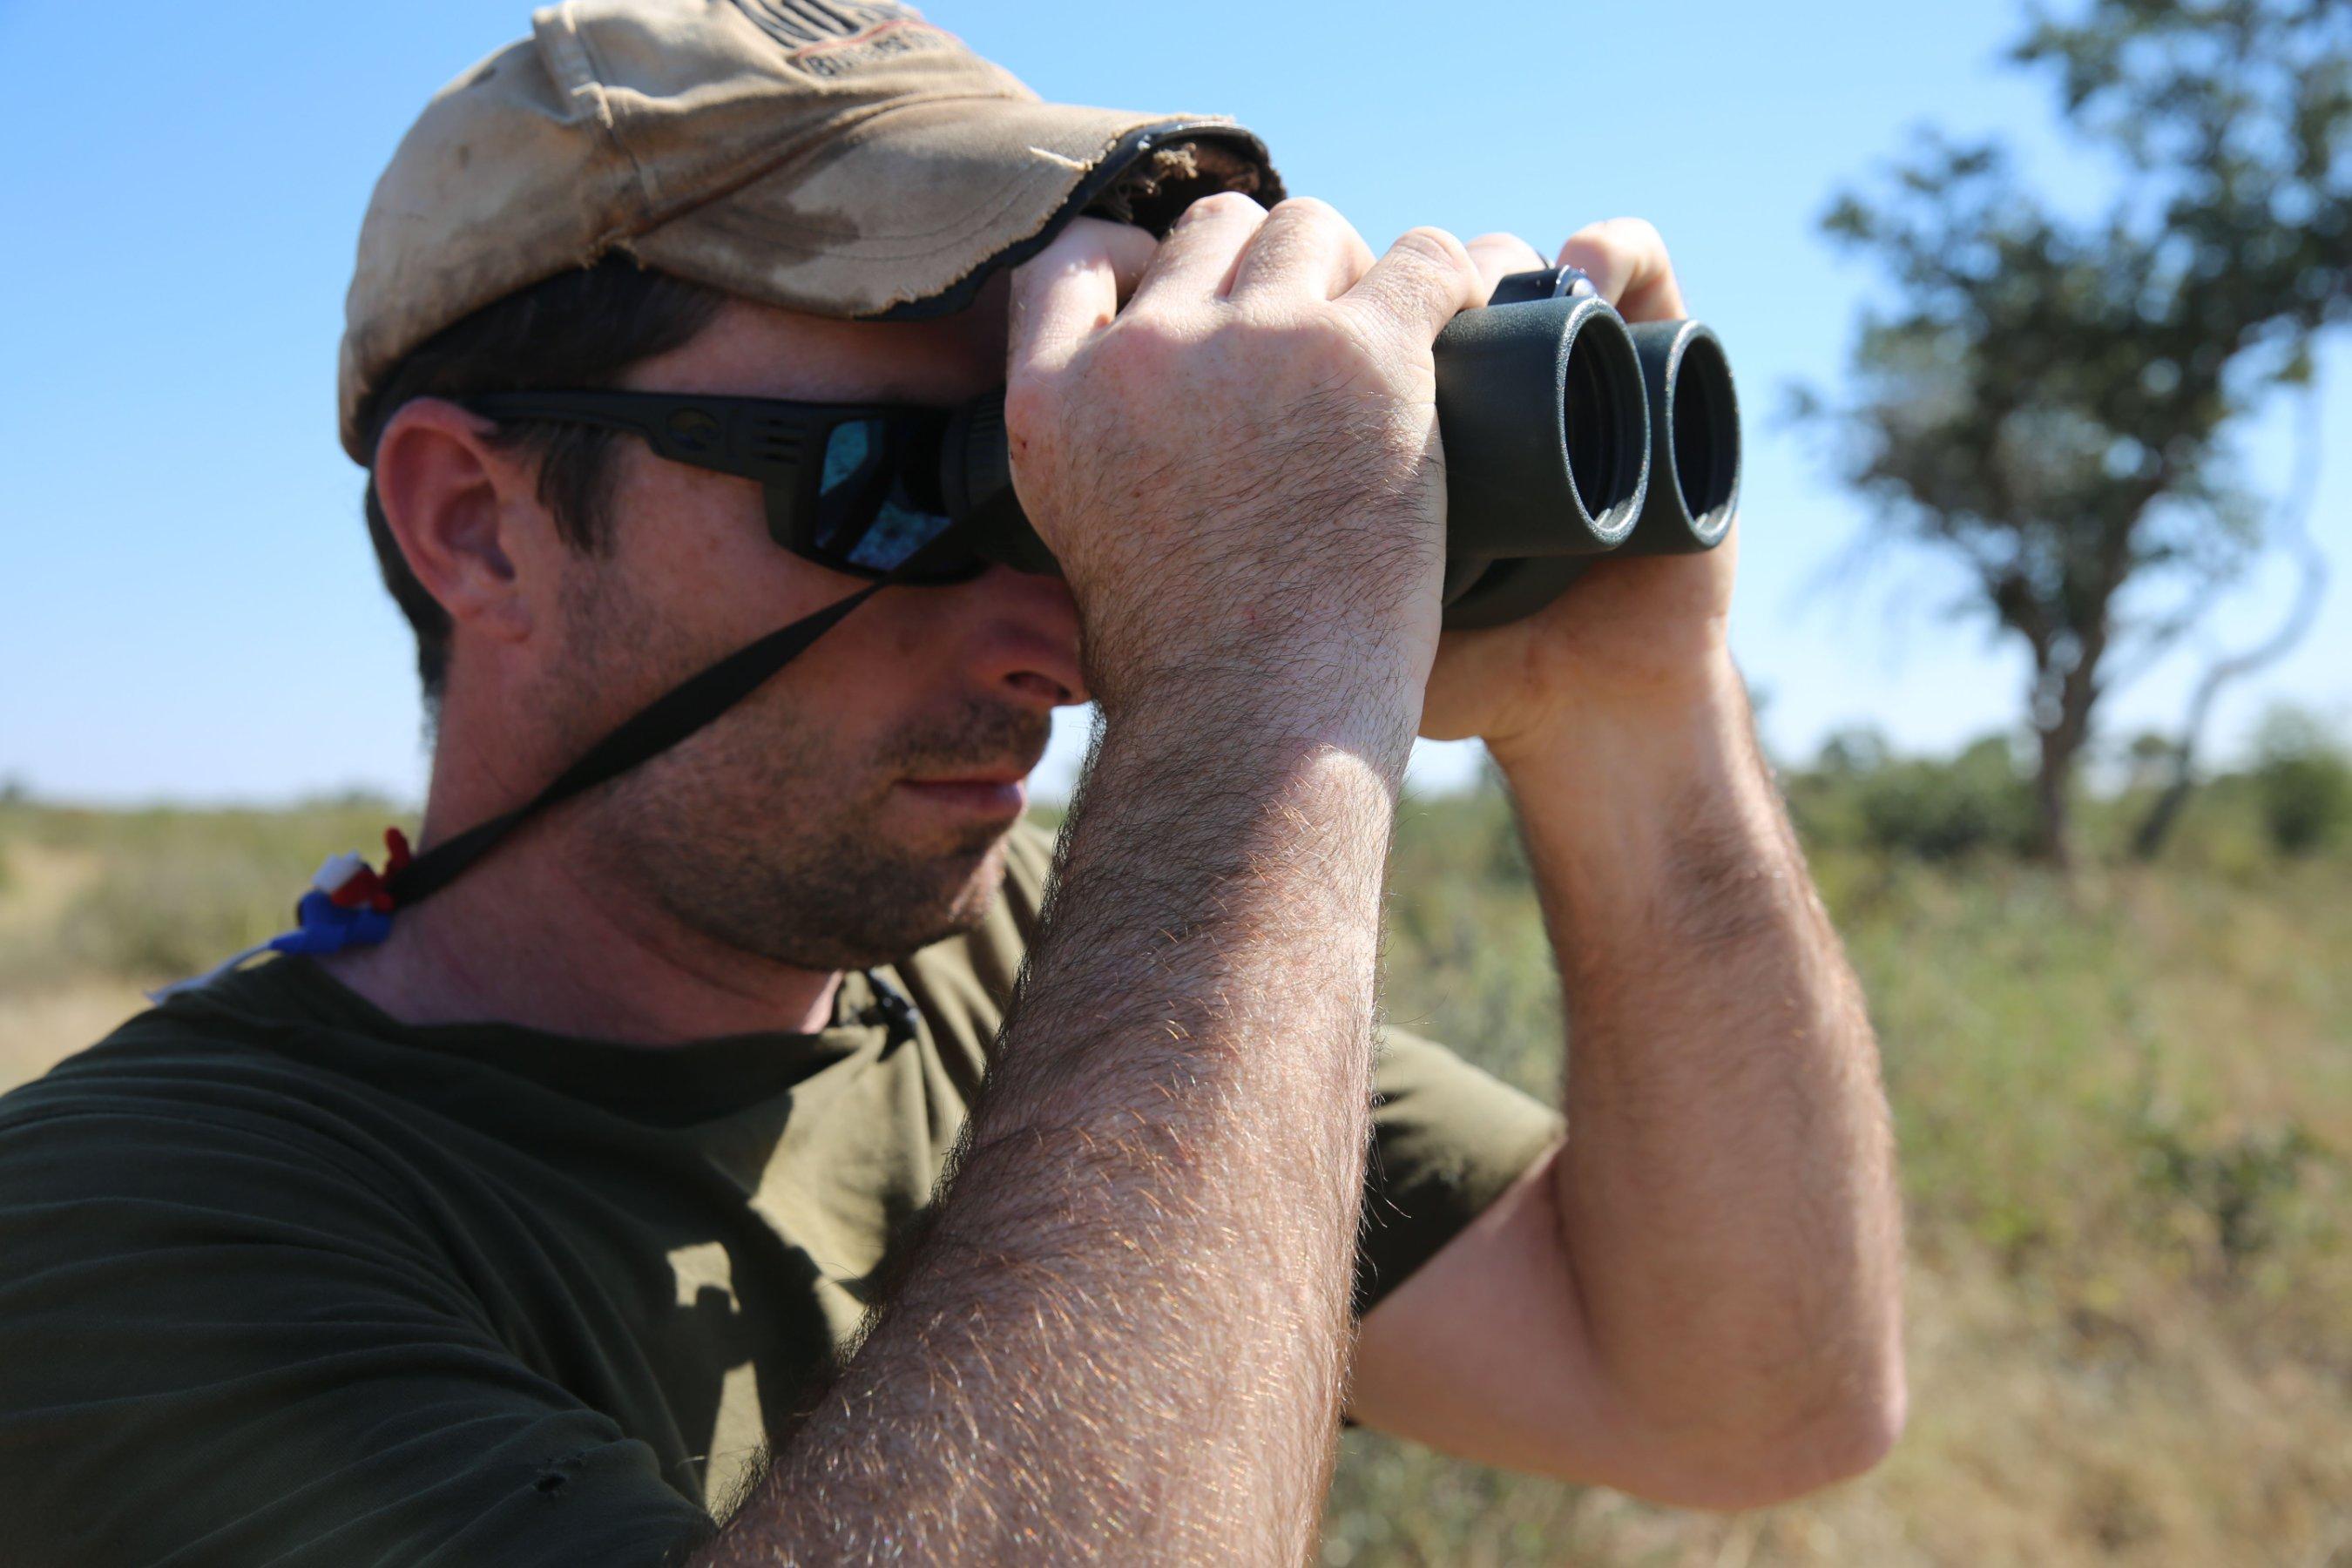 El cazador Corey Knowlton pagó 350,000 dólares por un permiso para cazar un rinocerote, uno de los tres permitidos por año por el Ministerio de Medio Ambiente de Namibia. (Crédito: Jason Morris/CNN)